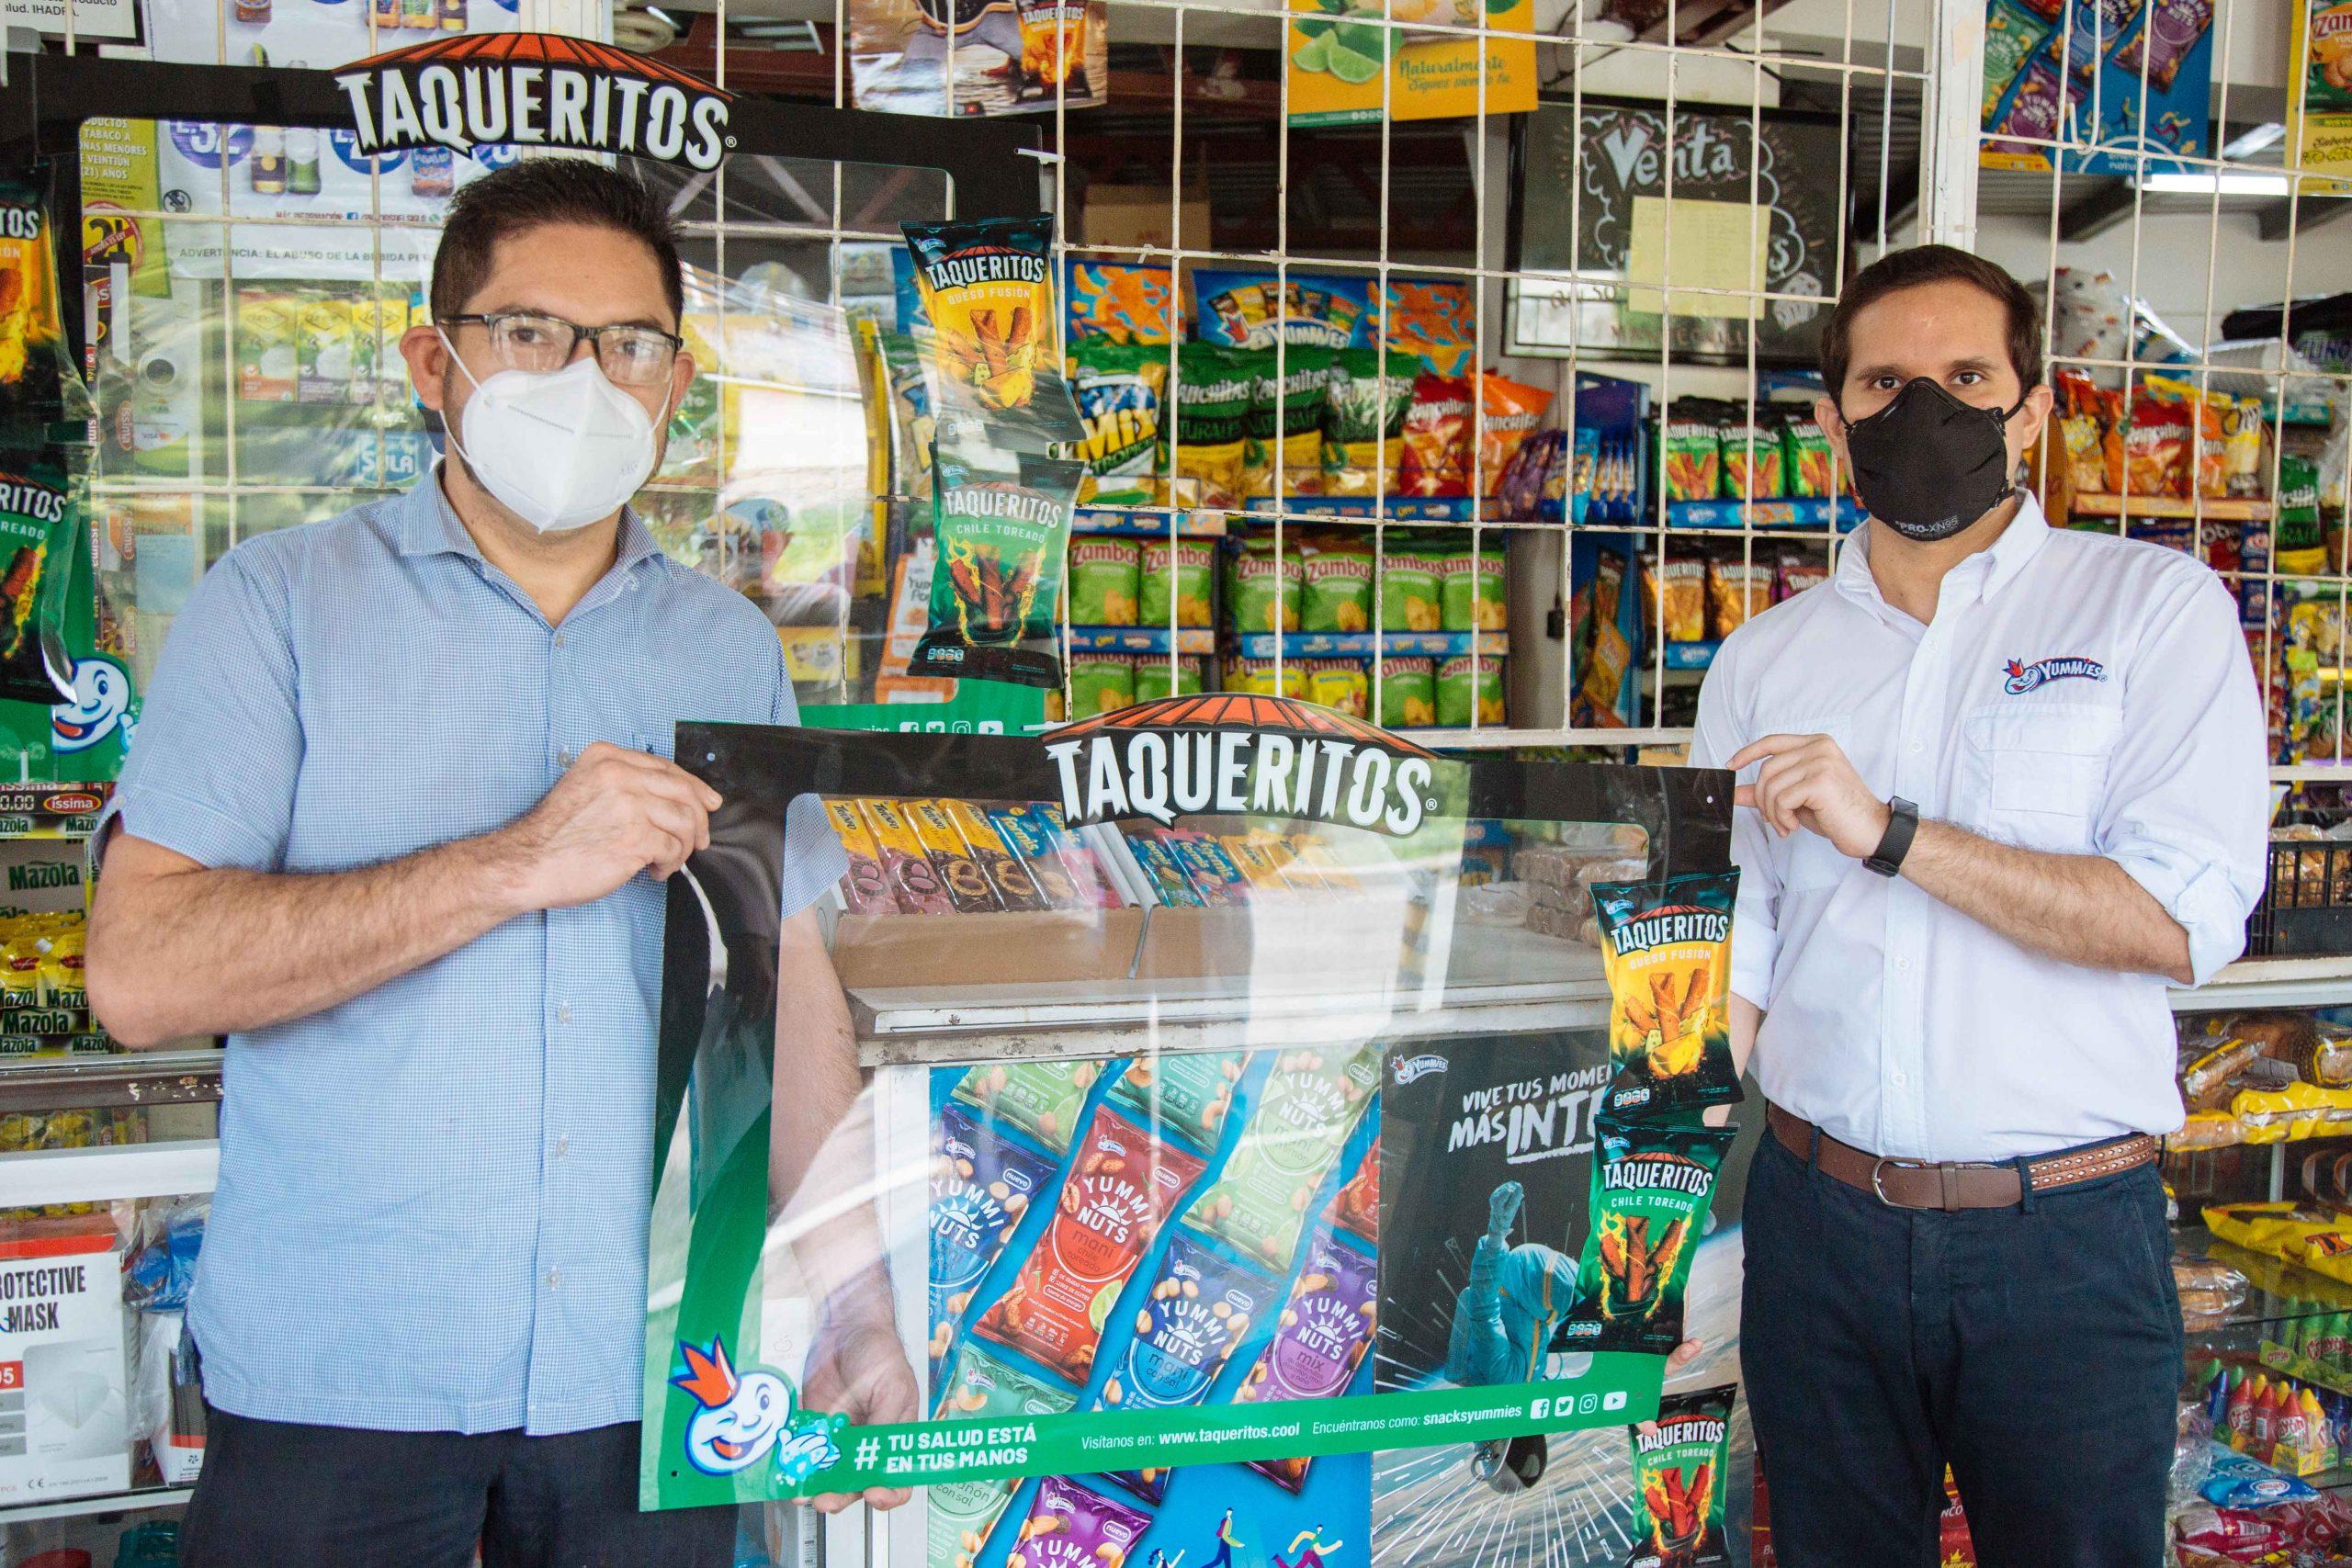 Taqueritos instala Marcos Protectores en Pulperías y Mercaditos